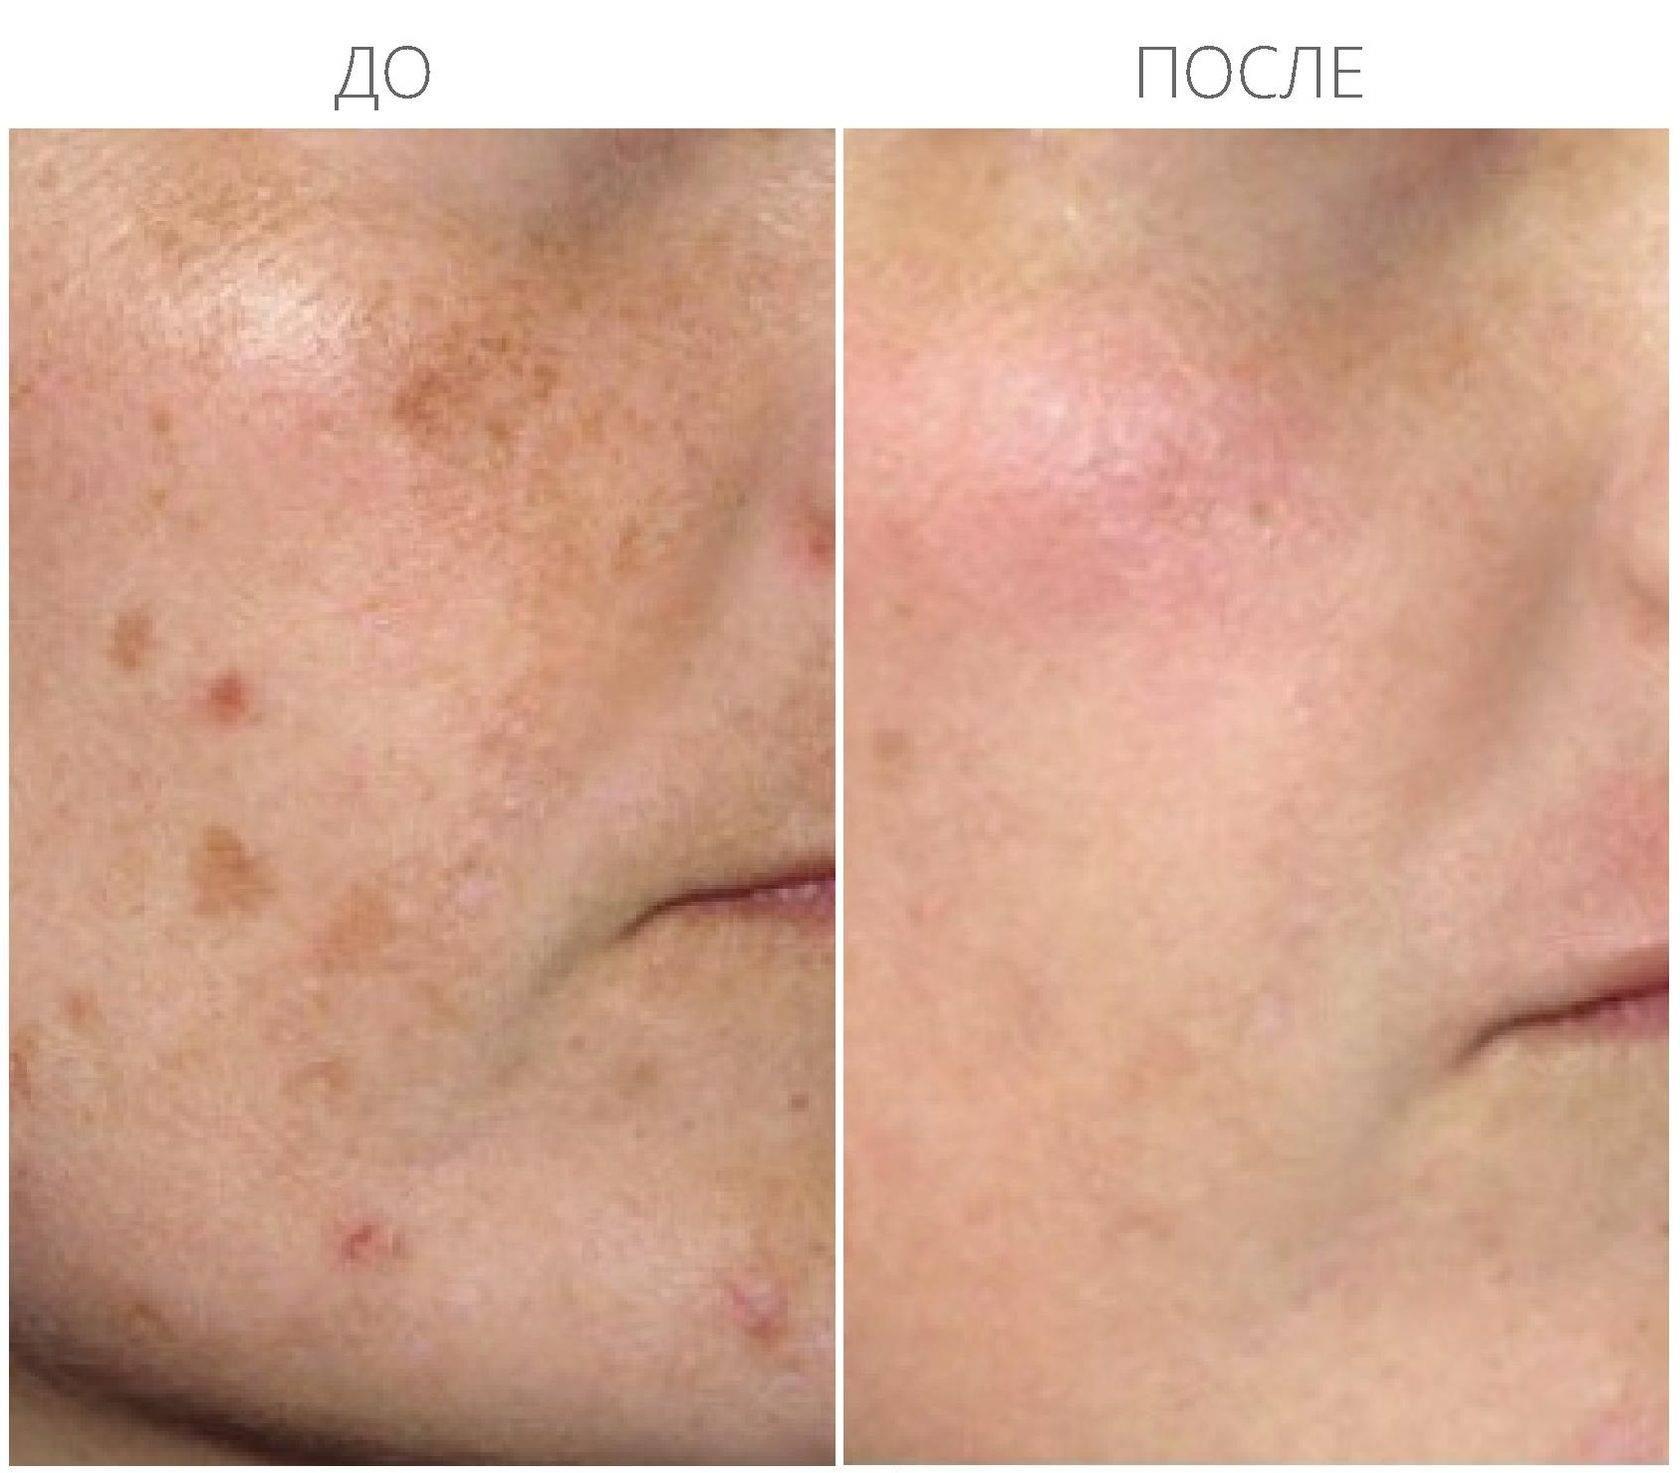 Таблетки как метод избавления от пигментных пятен на лице и теле